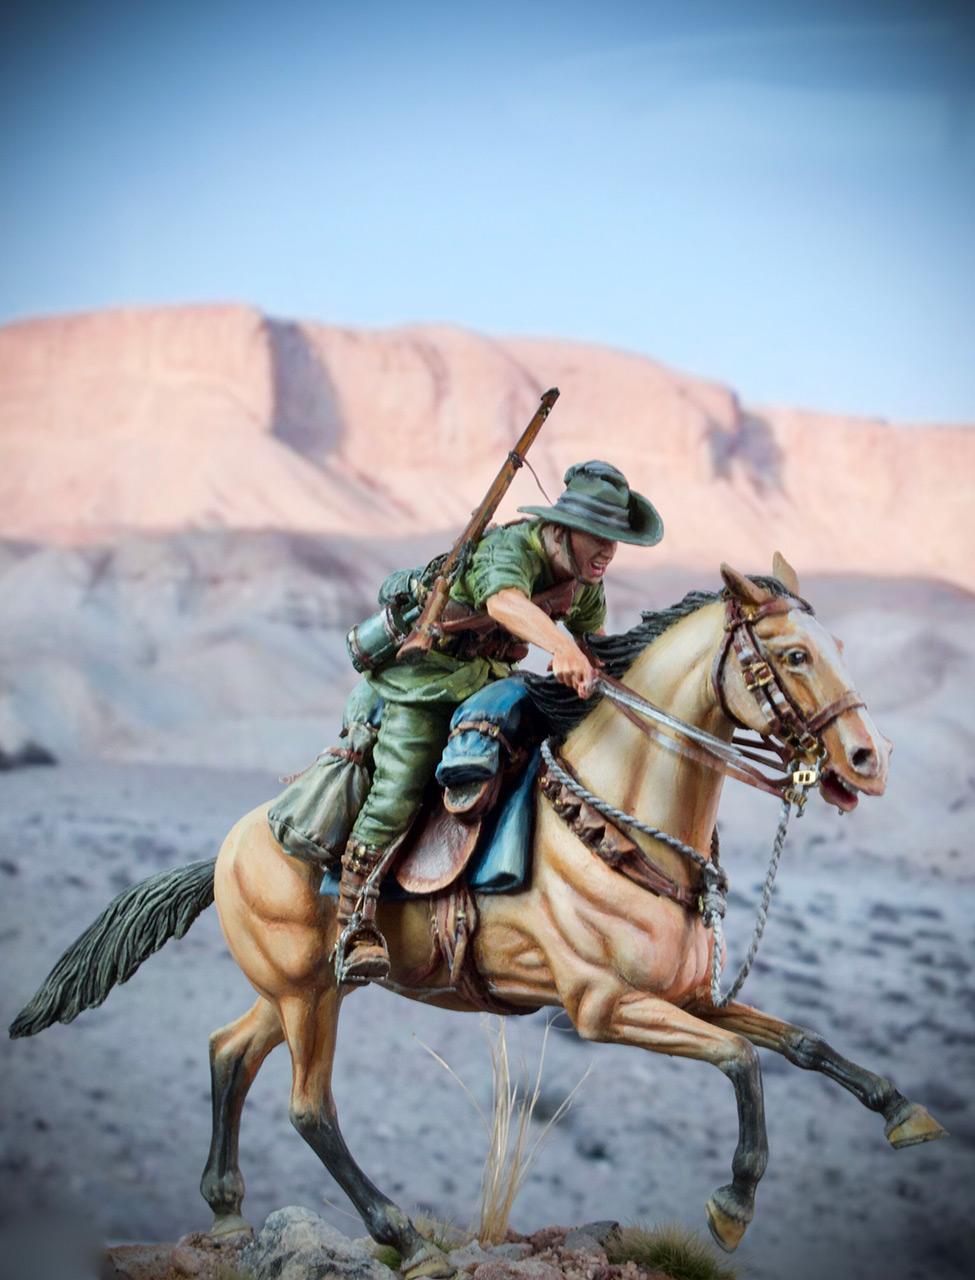 Фигурки: Боец Австралийской легкой кавалерии, Первая Мировая война, Беэр-Шева, 1917 год., фото #2